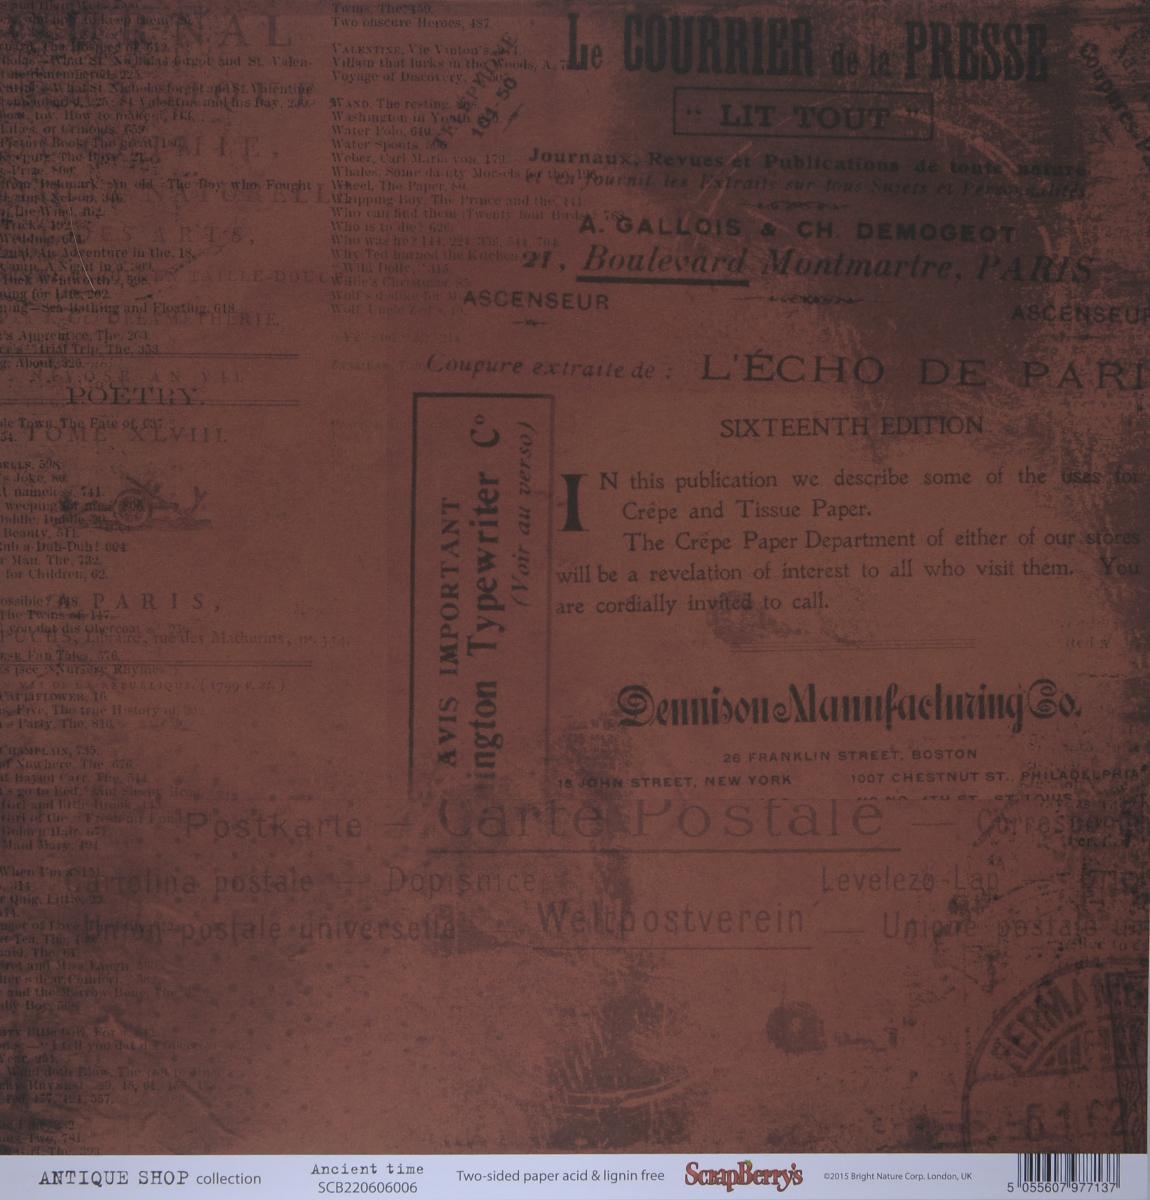 Бумага для скрапбукинга ScrapBerrys Лавка древностей. Древность, 30,5 х 30,5 см, 10 листов488280Бумага для скрапбукинга ScrapBerrys Лавка древностей. Древность позволит создать красивый альбом, фоторамку или открытку ручной работы, оформить подарок или аппликацию. Набор включает в себя 10 листов из плотной бумаги с двухсторонней печатью, всего 2 оригинальных дизайна. Бумага не содержит кислоты и лигнина. Скрапбукинг - это хобби, которое способно приносить массу приятных эмоций не только человеку, который этим занимается, но и его близким, друзьям, родным. Это невероятно увлекательное занятие, которое поможет вам сохранить наиболее памятные и яркие моменты вашей жизни, а также интересно оформить интерьер дома. Размер листа: 30,5 х 30,5 см. Плотность бумаги: 180 г/м2.